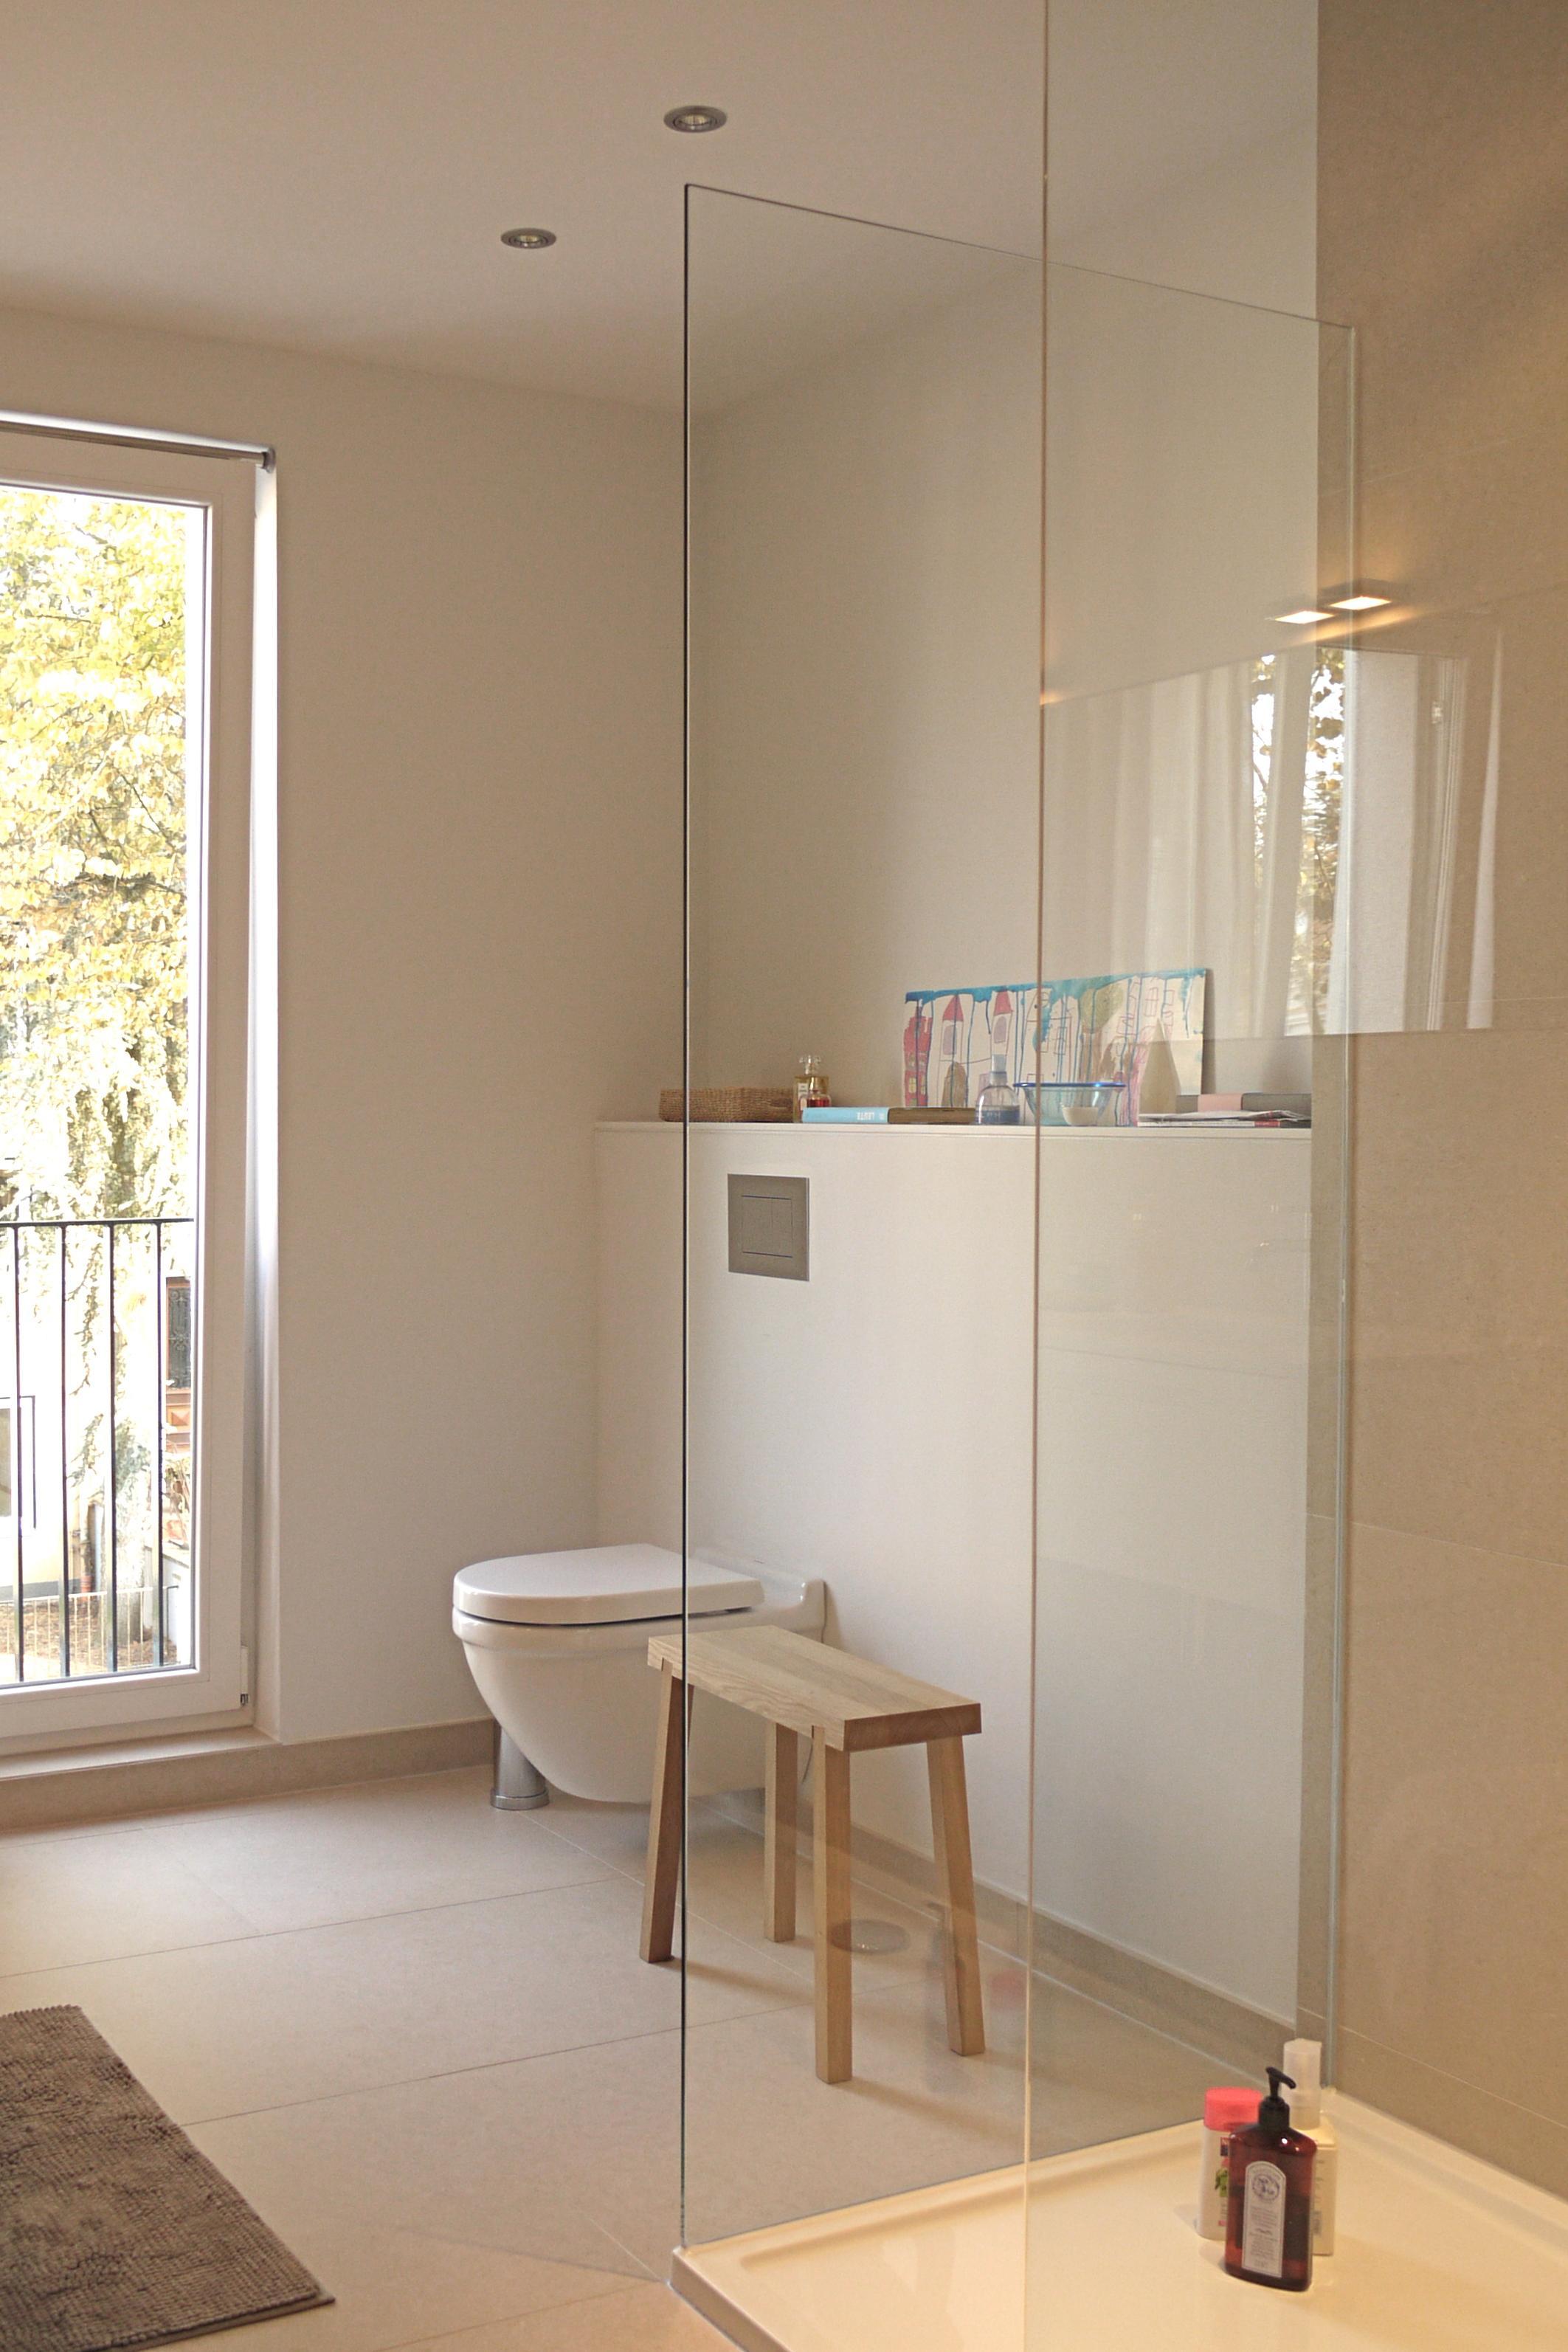 Wc Bereich Hocker Bad Dusche Holzhocker Minimal